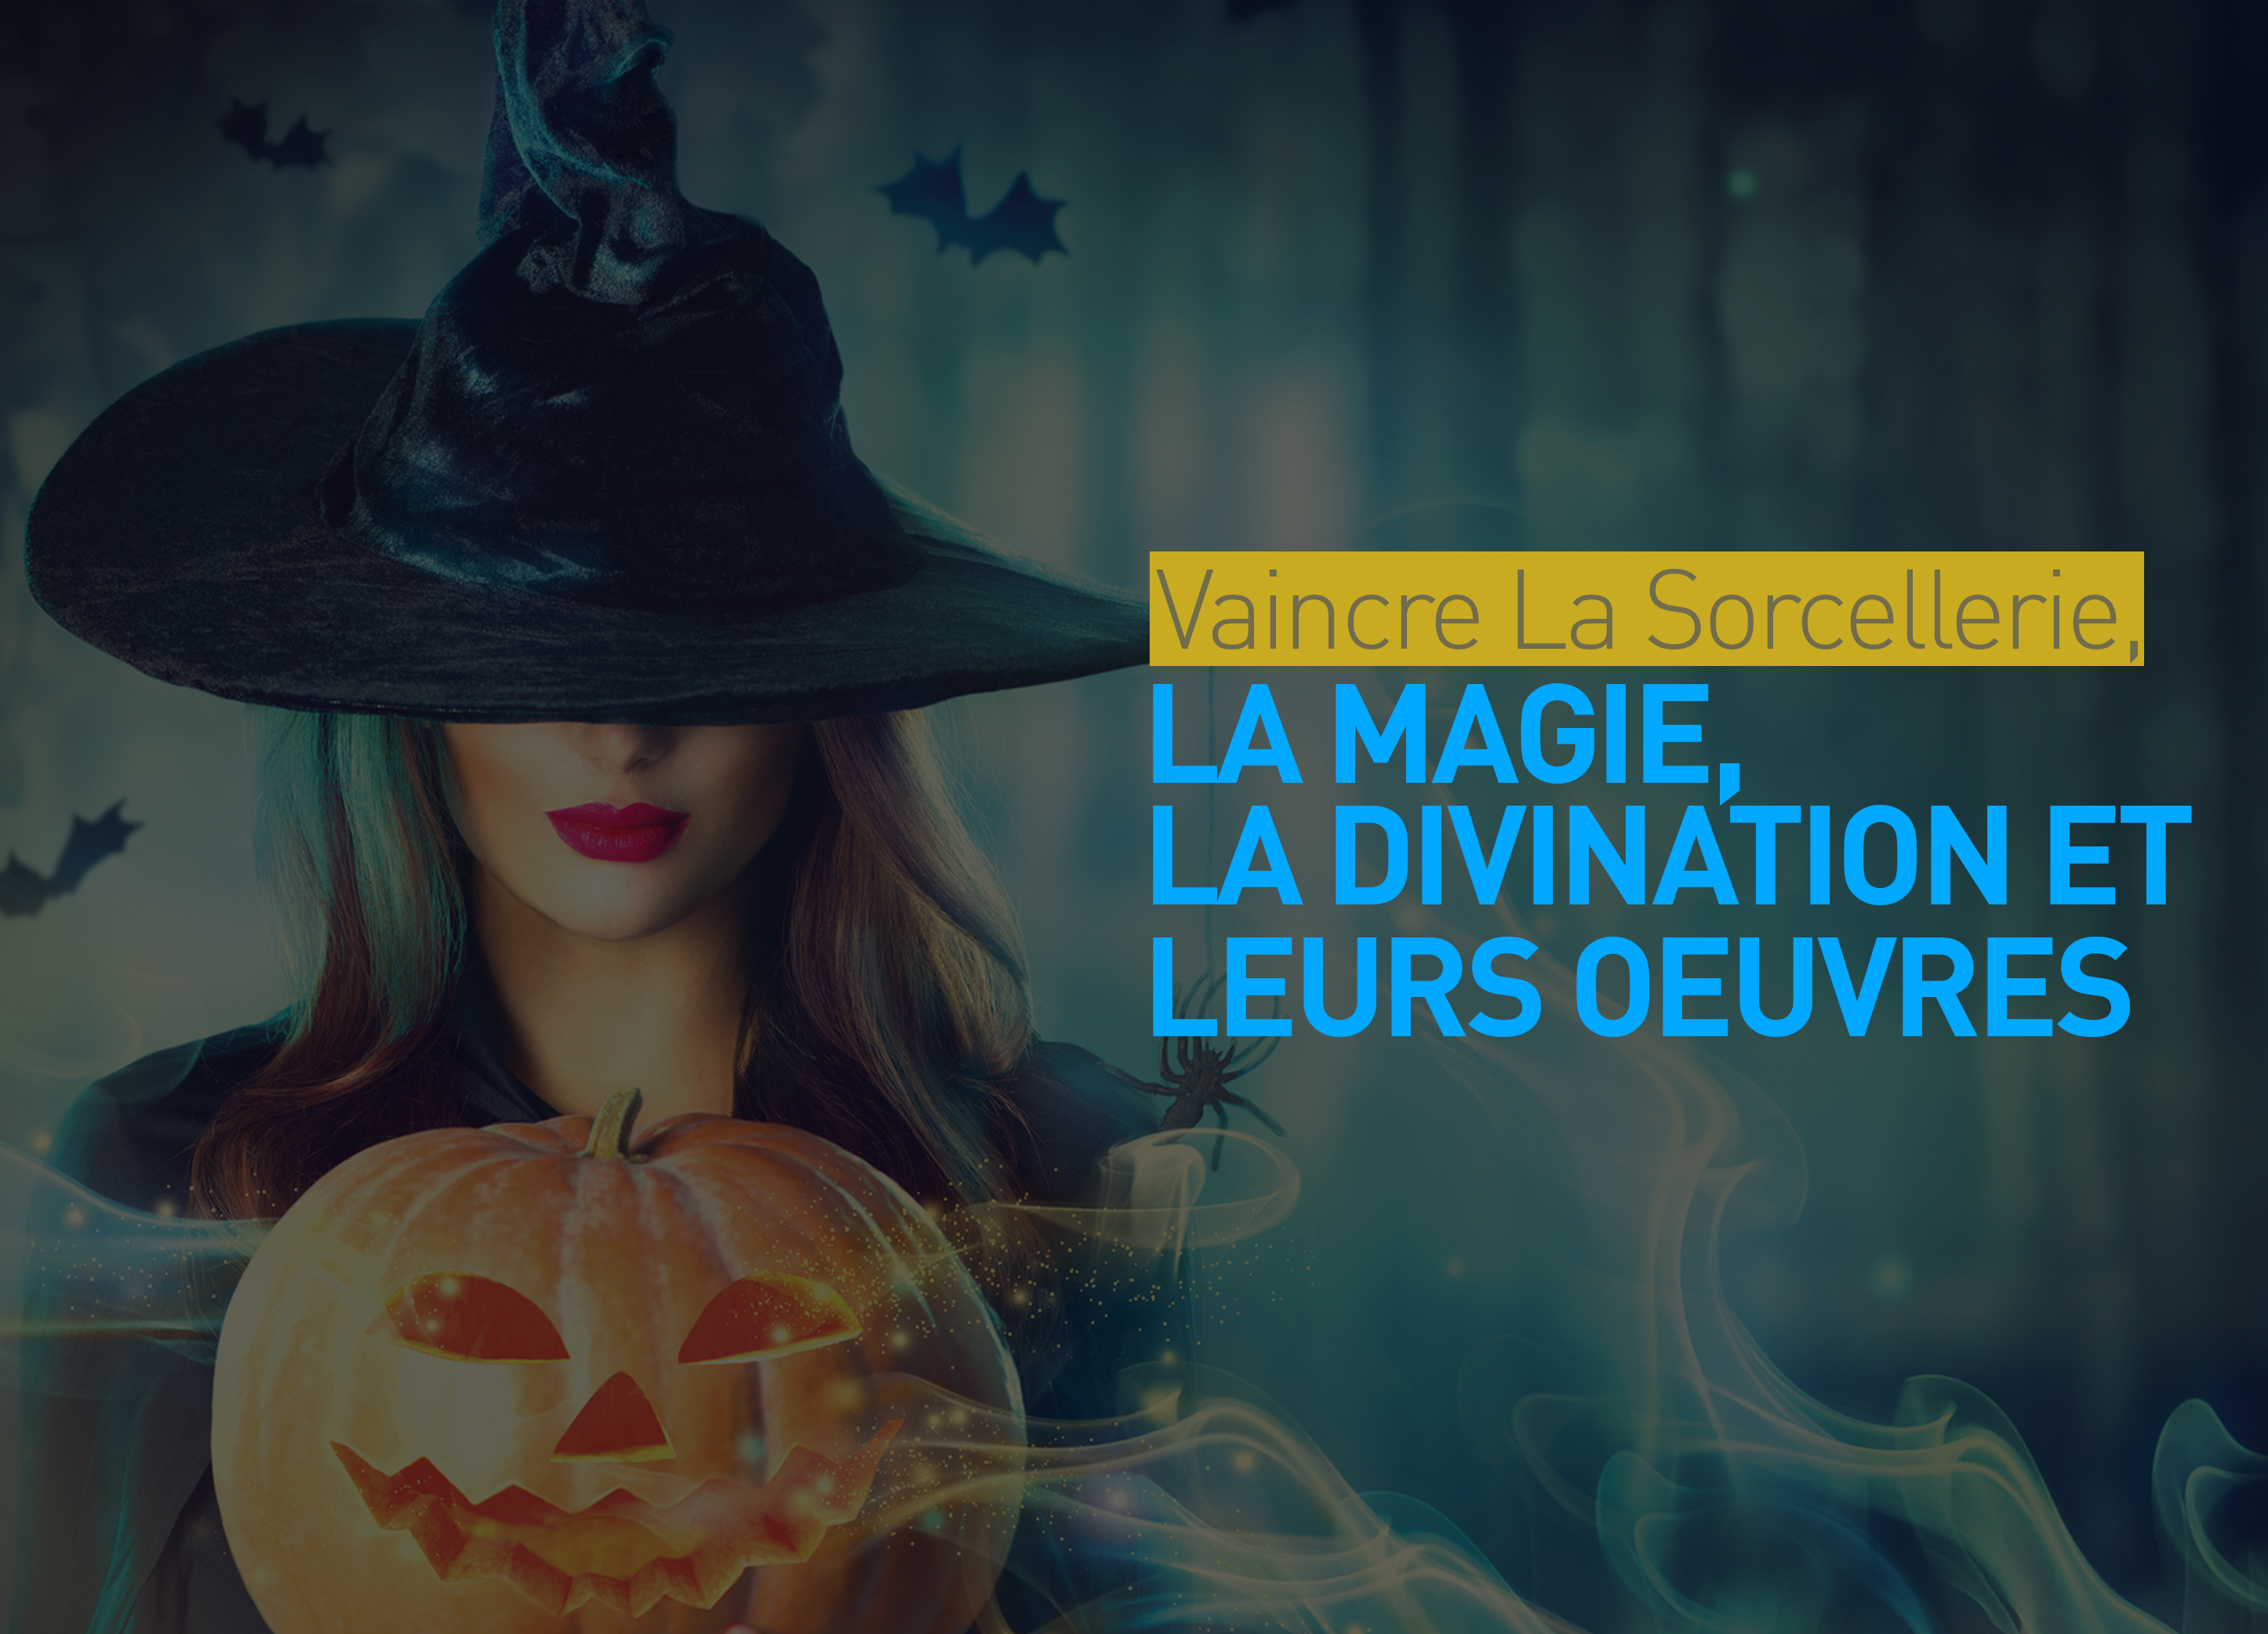 1- Vaincre la sorcellerie, la magie, la divination et leurs oeuvres